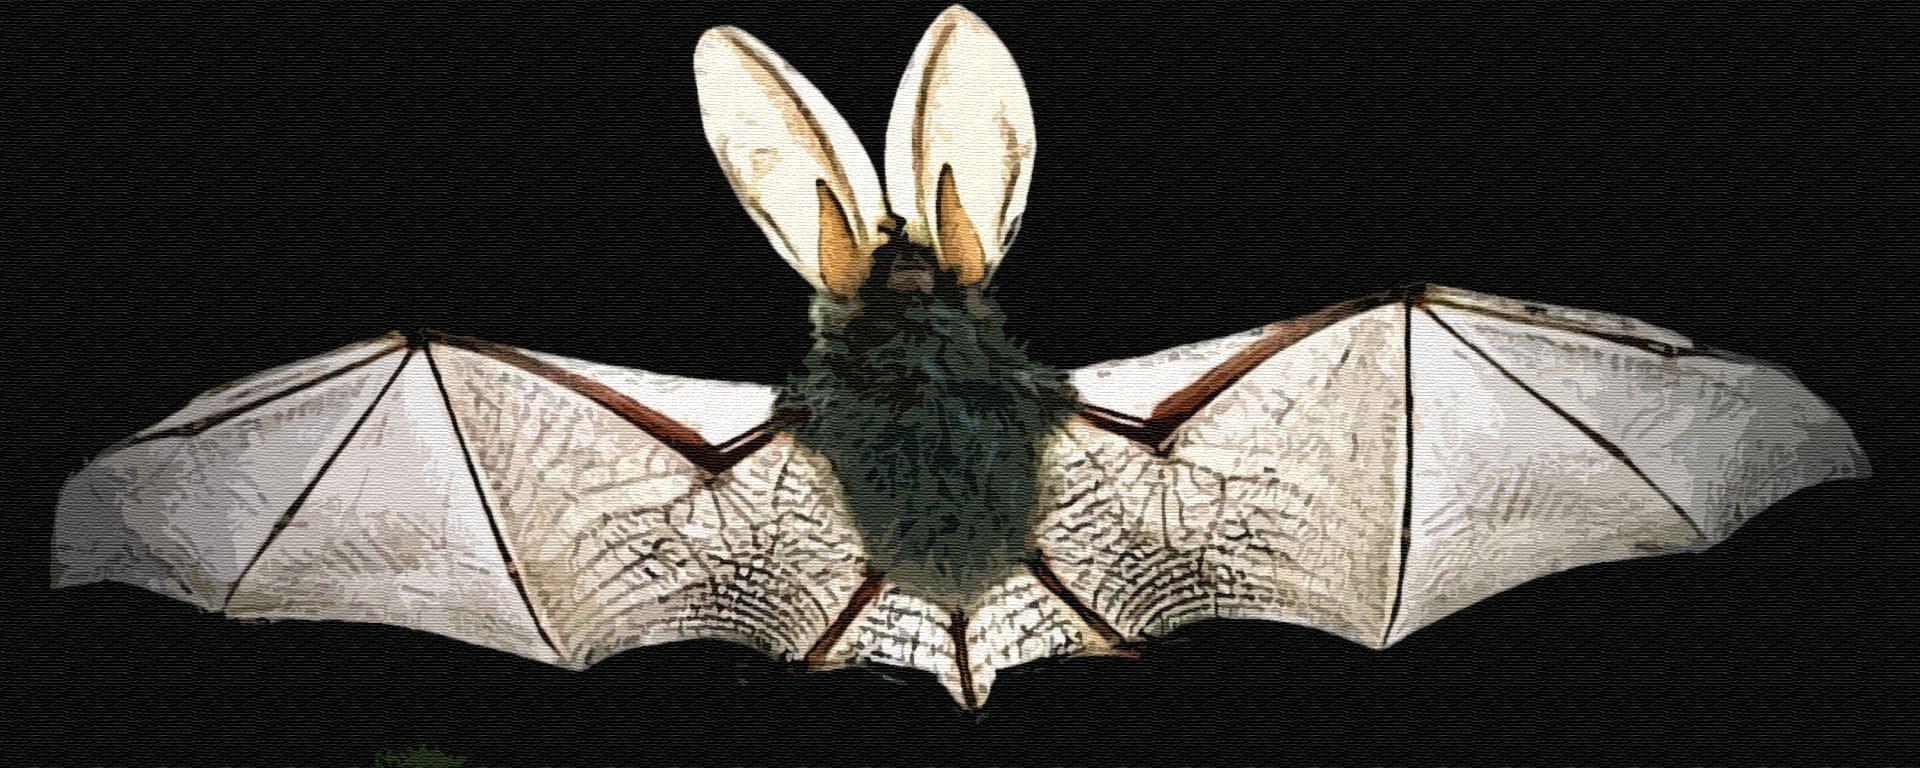 Почему летучая мышь летает только ночью